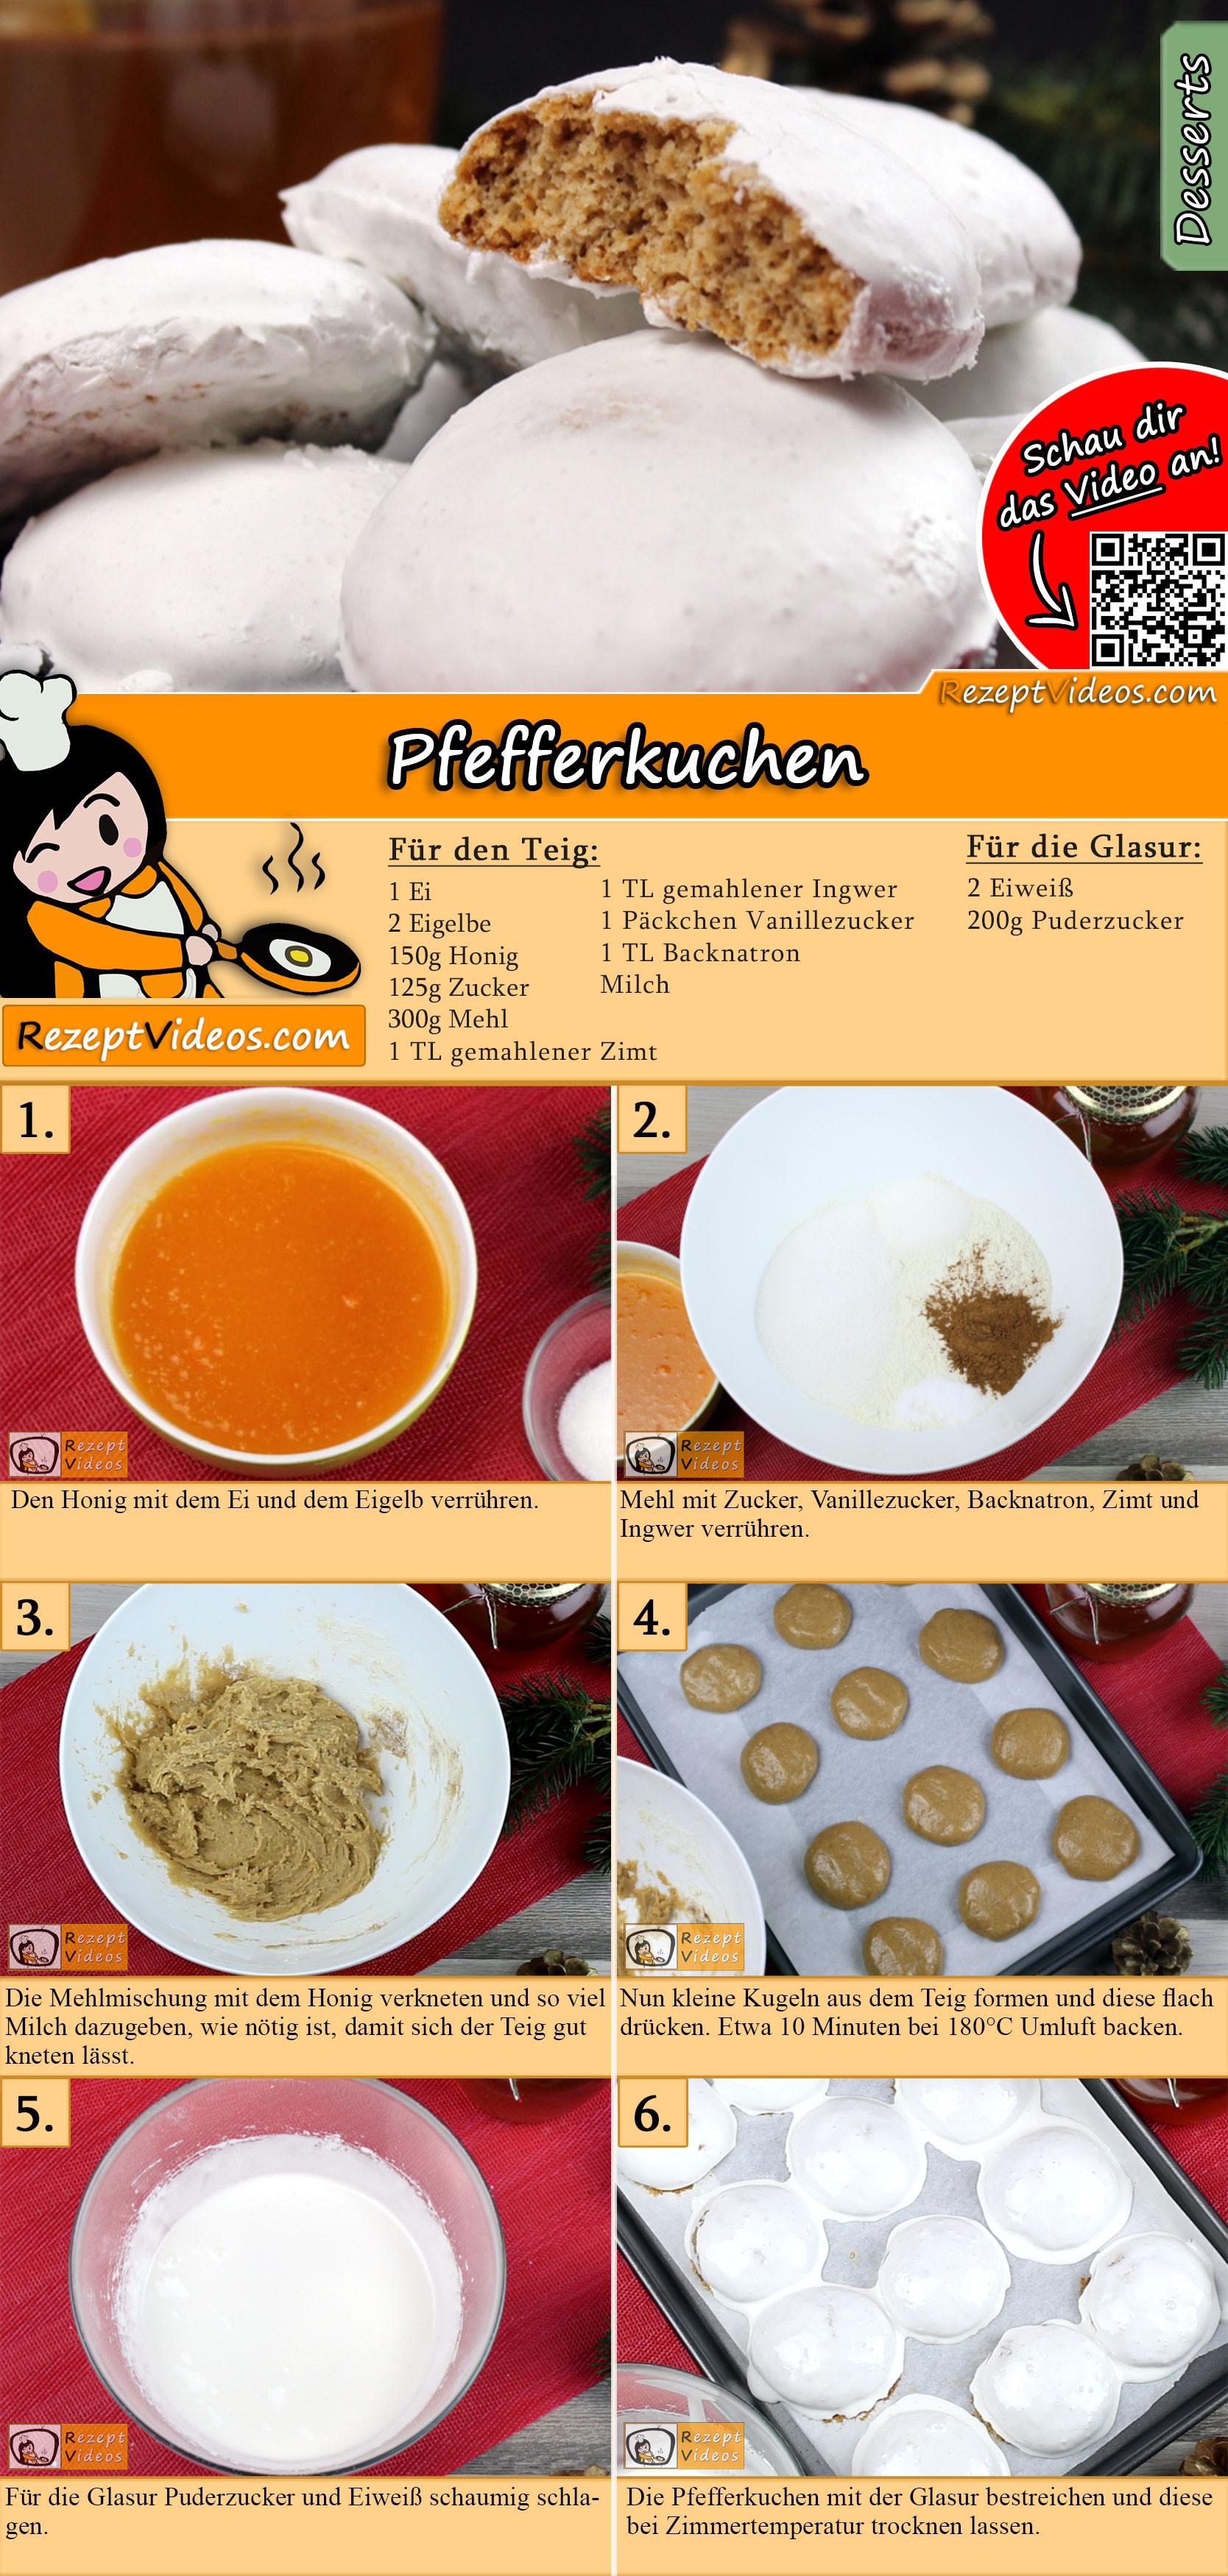 Pfefferkuchen Rezept mit Video